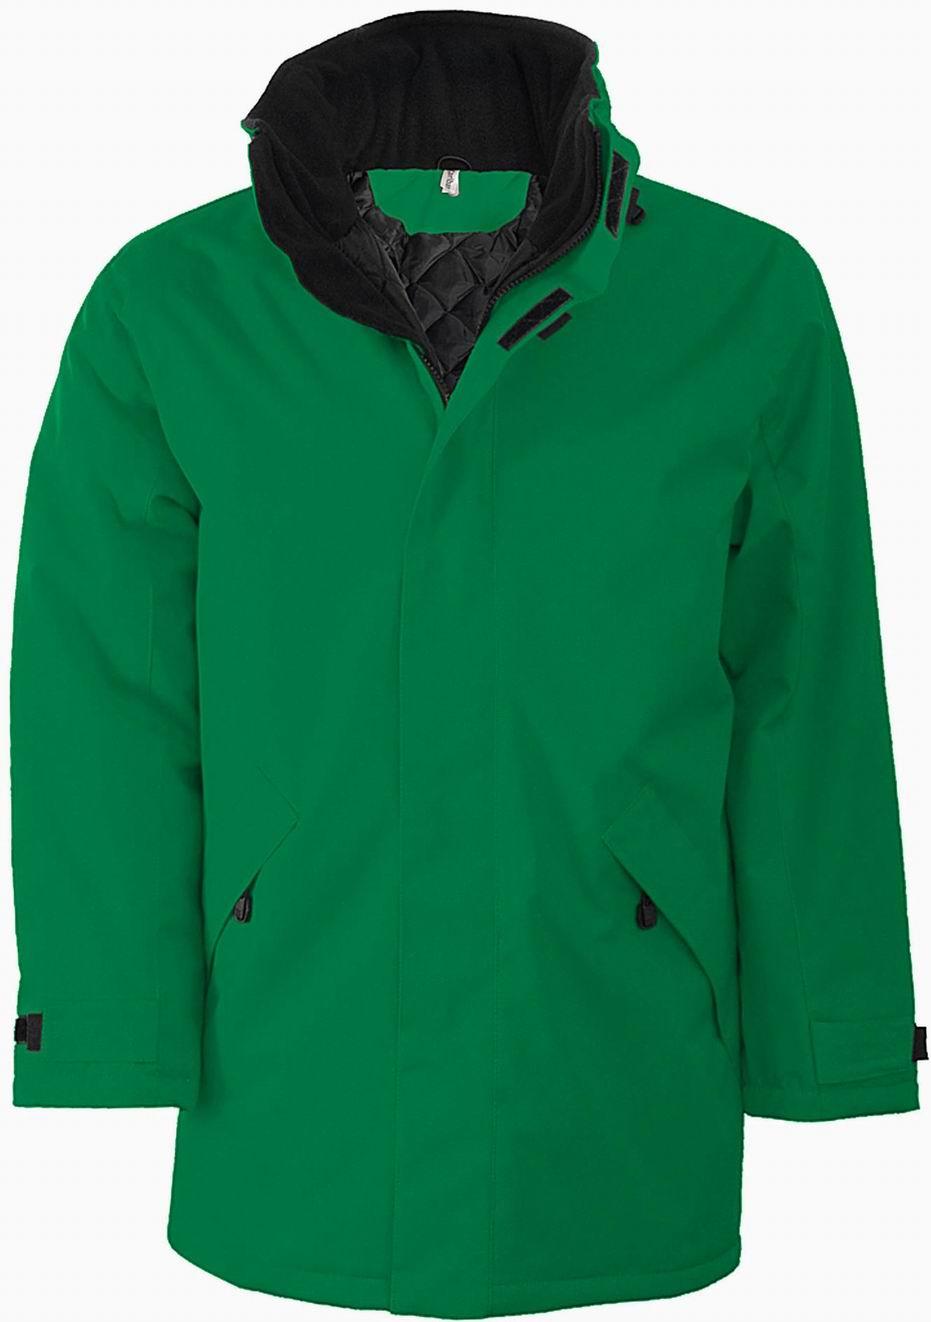 Zimní bunda Parka - Výprodej - zvìtšit obrázek